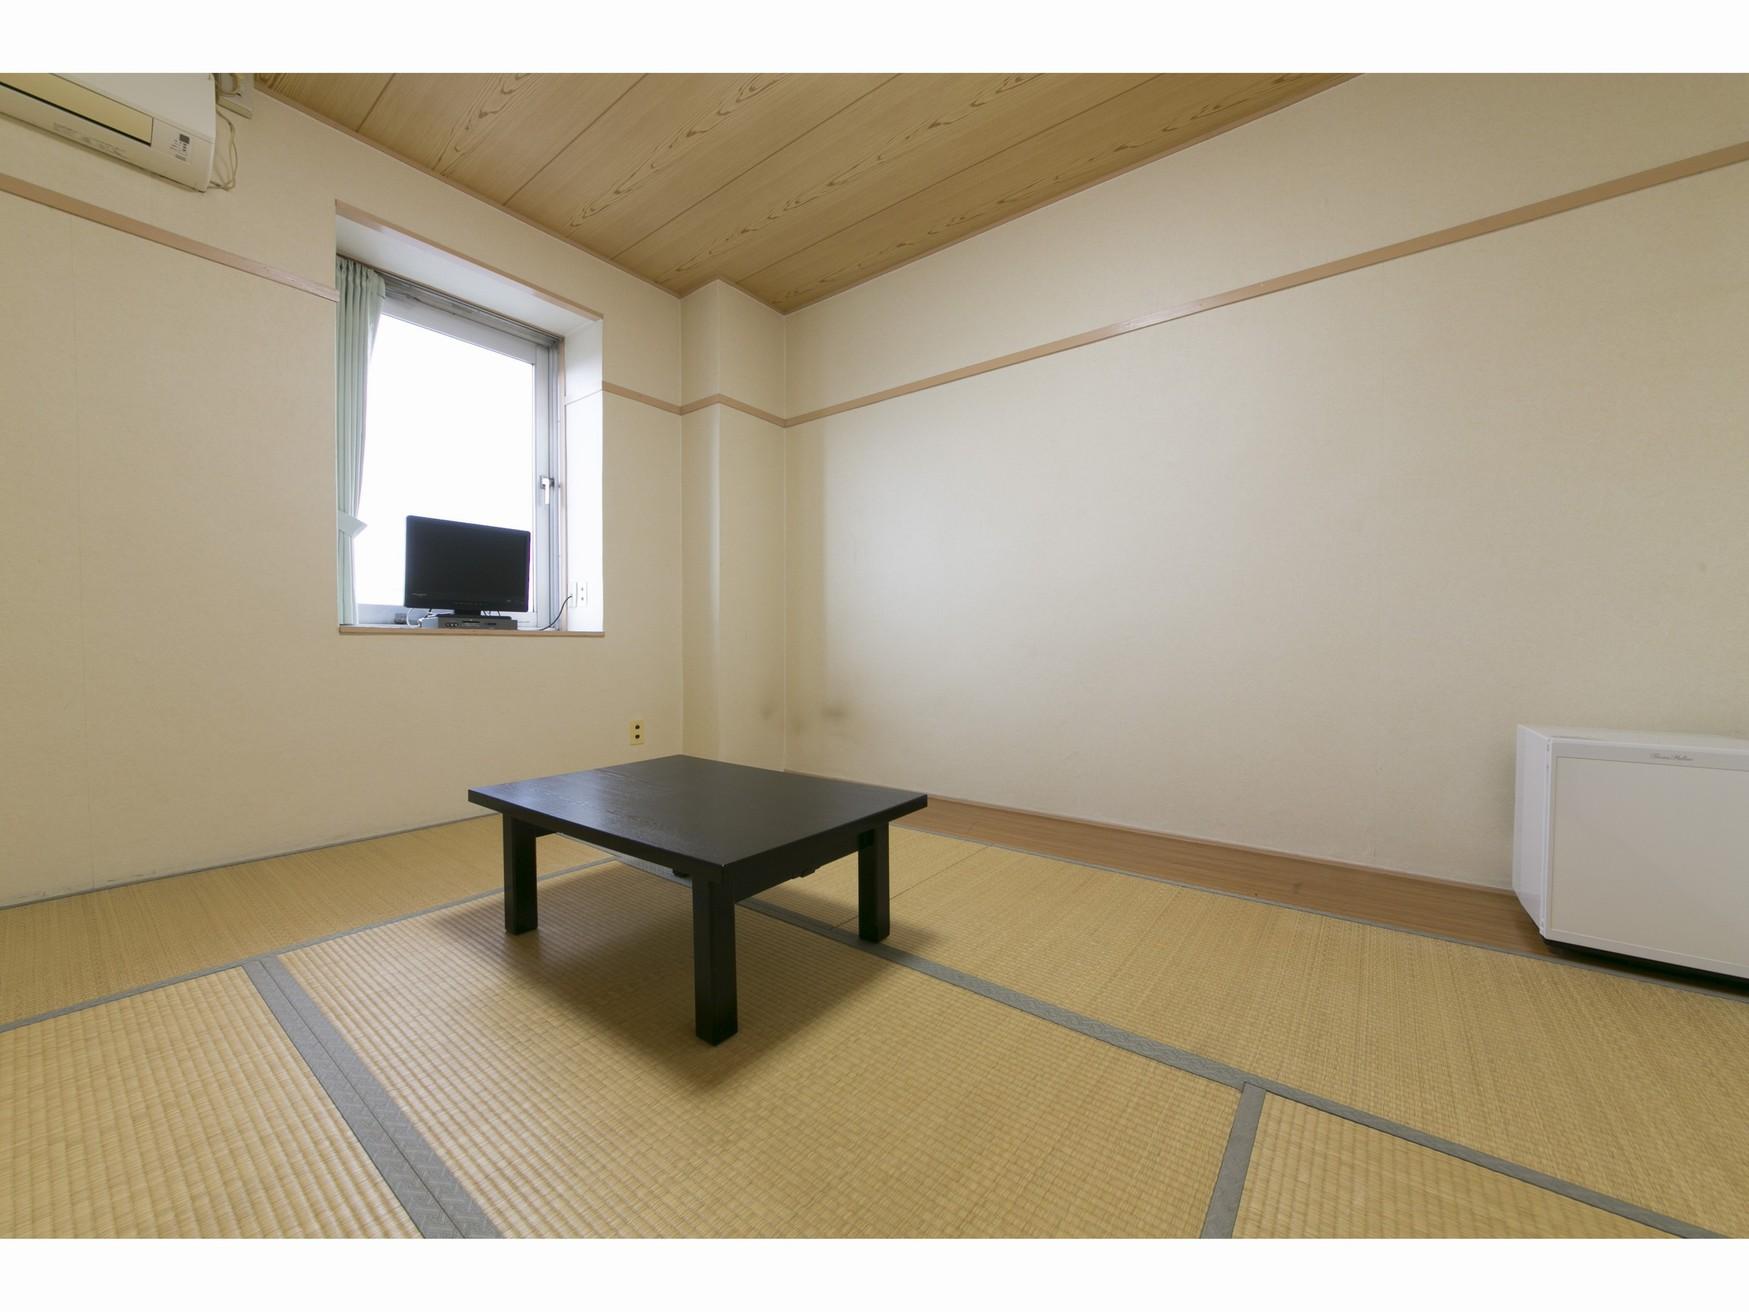 ビジネスホテルおかだ家豊橋堂坂店